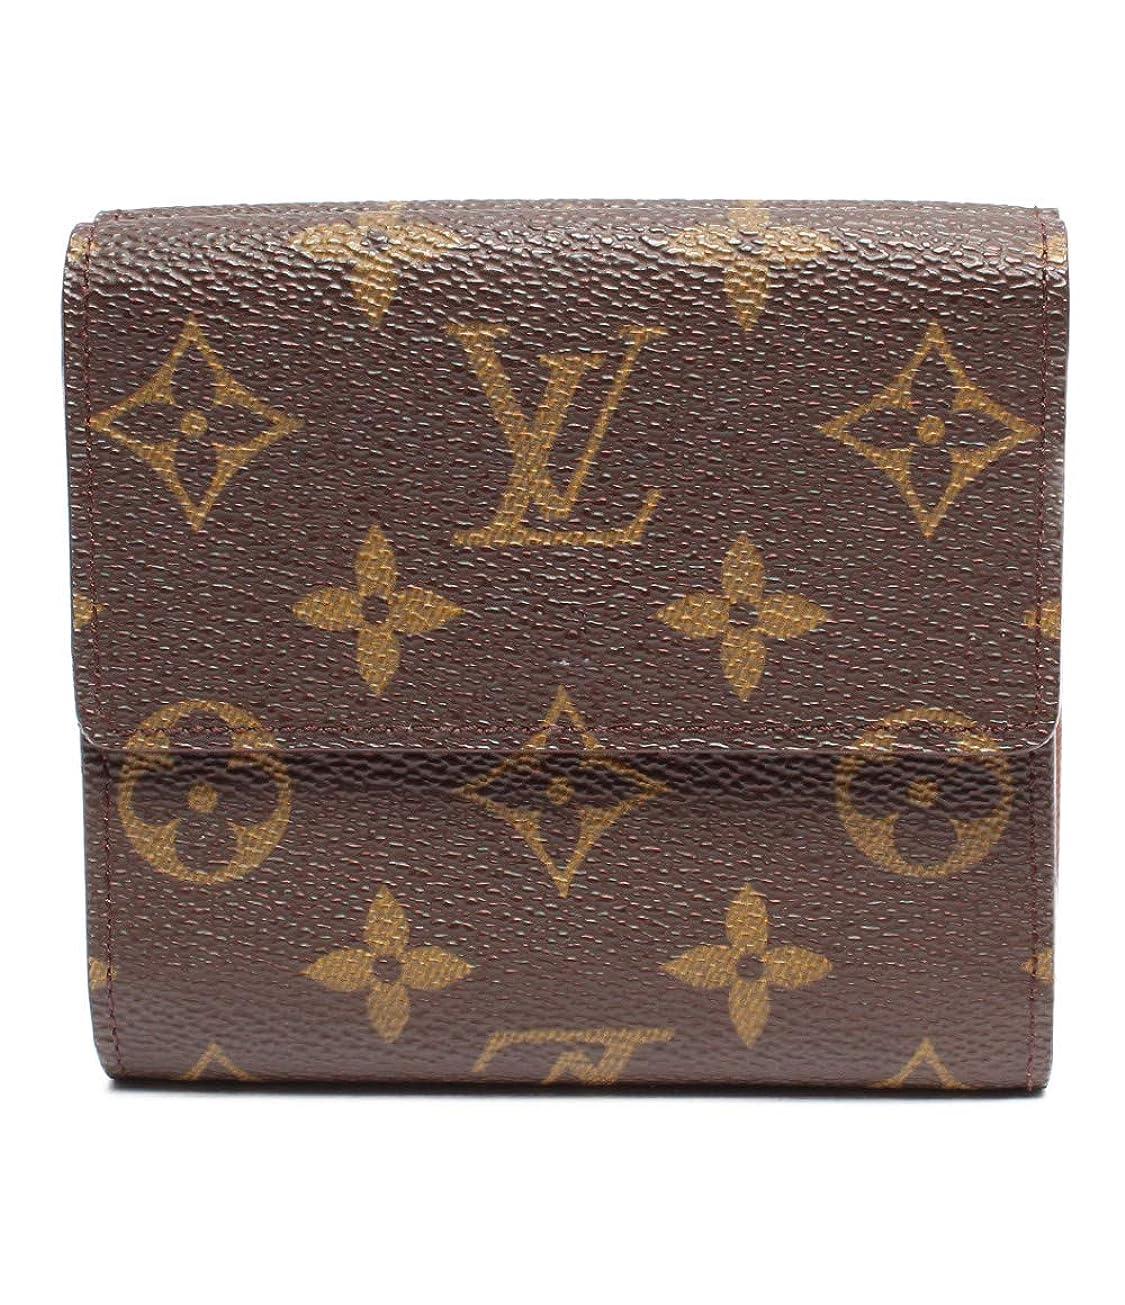 音コンテンポラリー祈るルイヴィトン 二つ折り財布 ポルトモネ カルトクレディ モノグラム M61652 レディース Louis Vuitton 中古